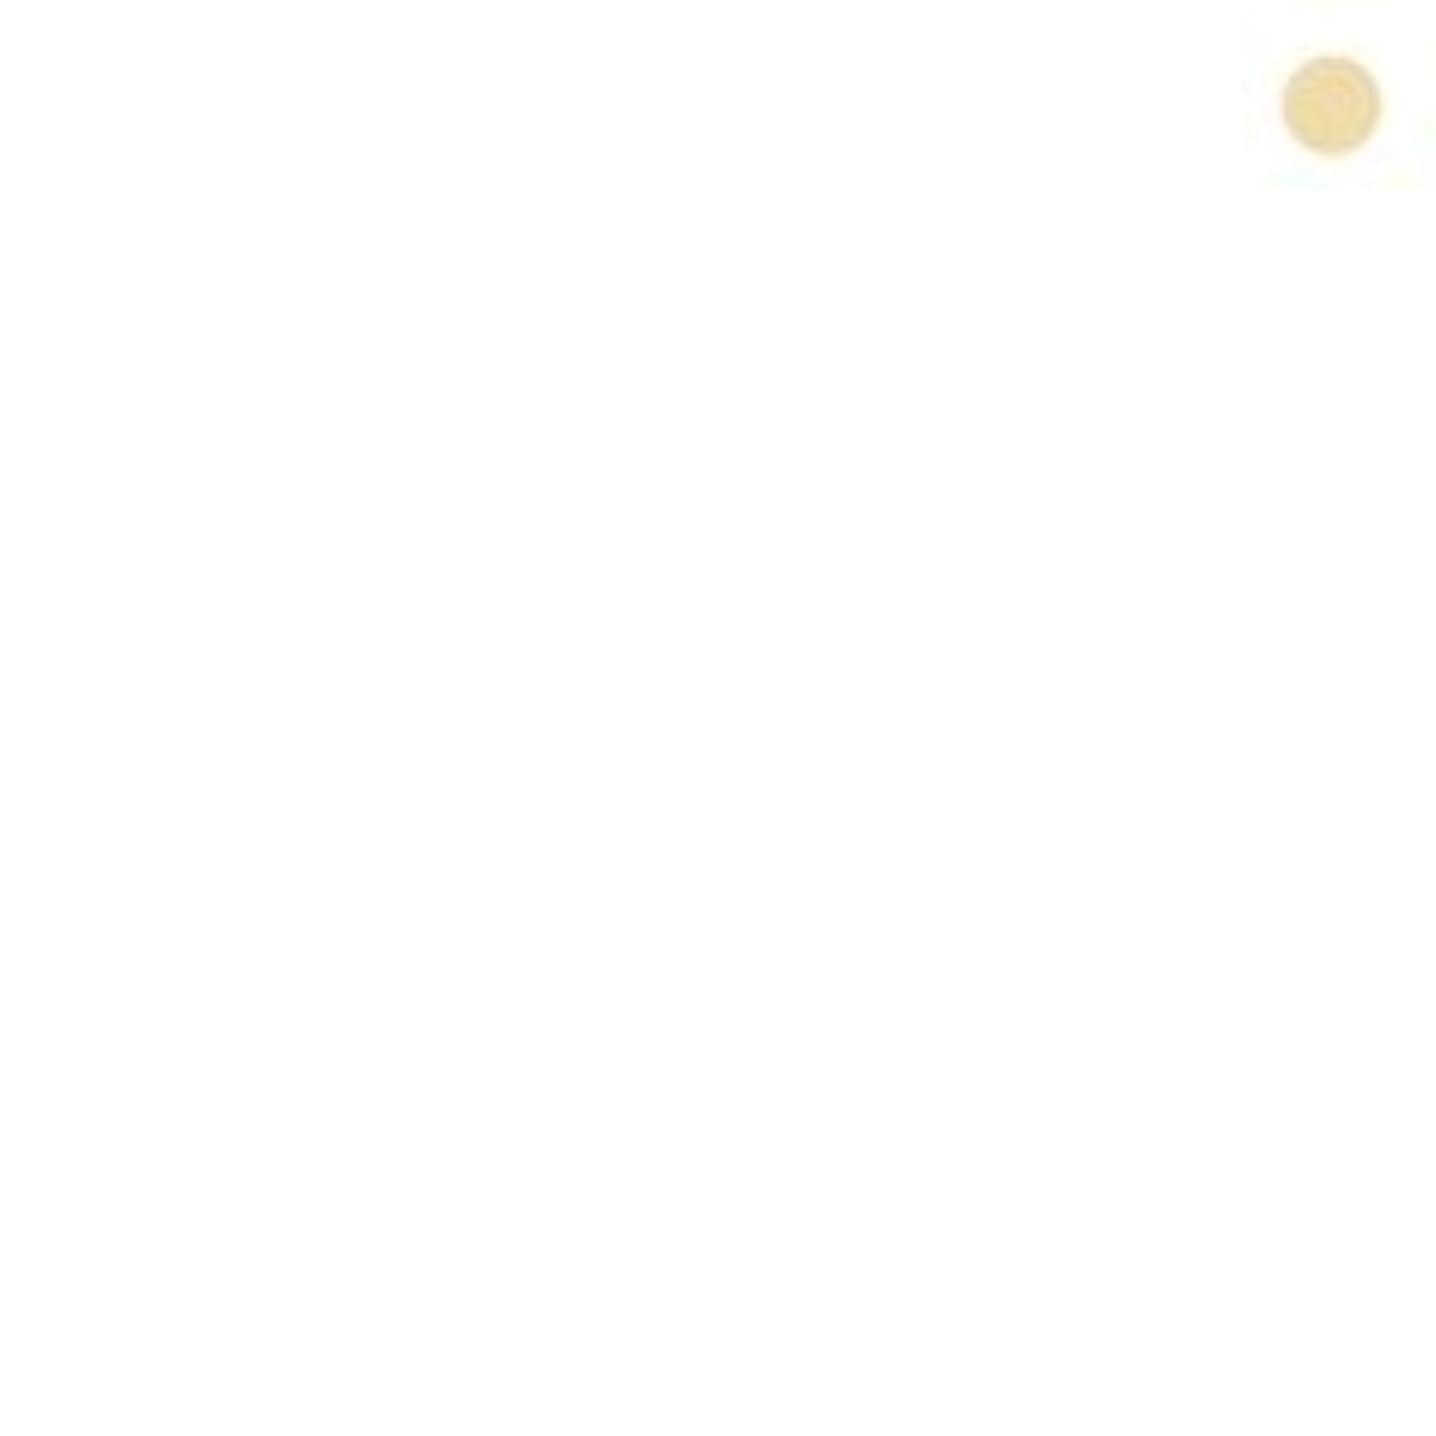 性差別呼び出す宝石【カバーマーク】ジャスミーカラー パウダリーファンデーション #BN20 (レフィル)